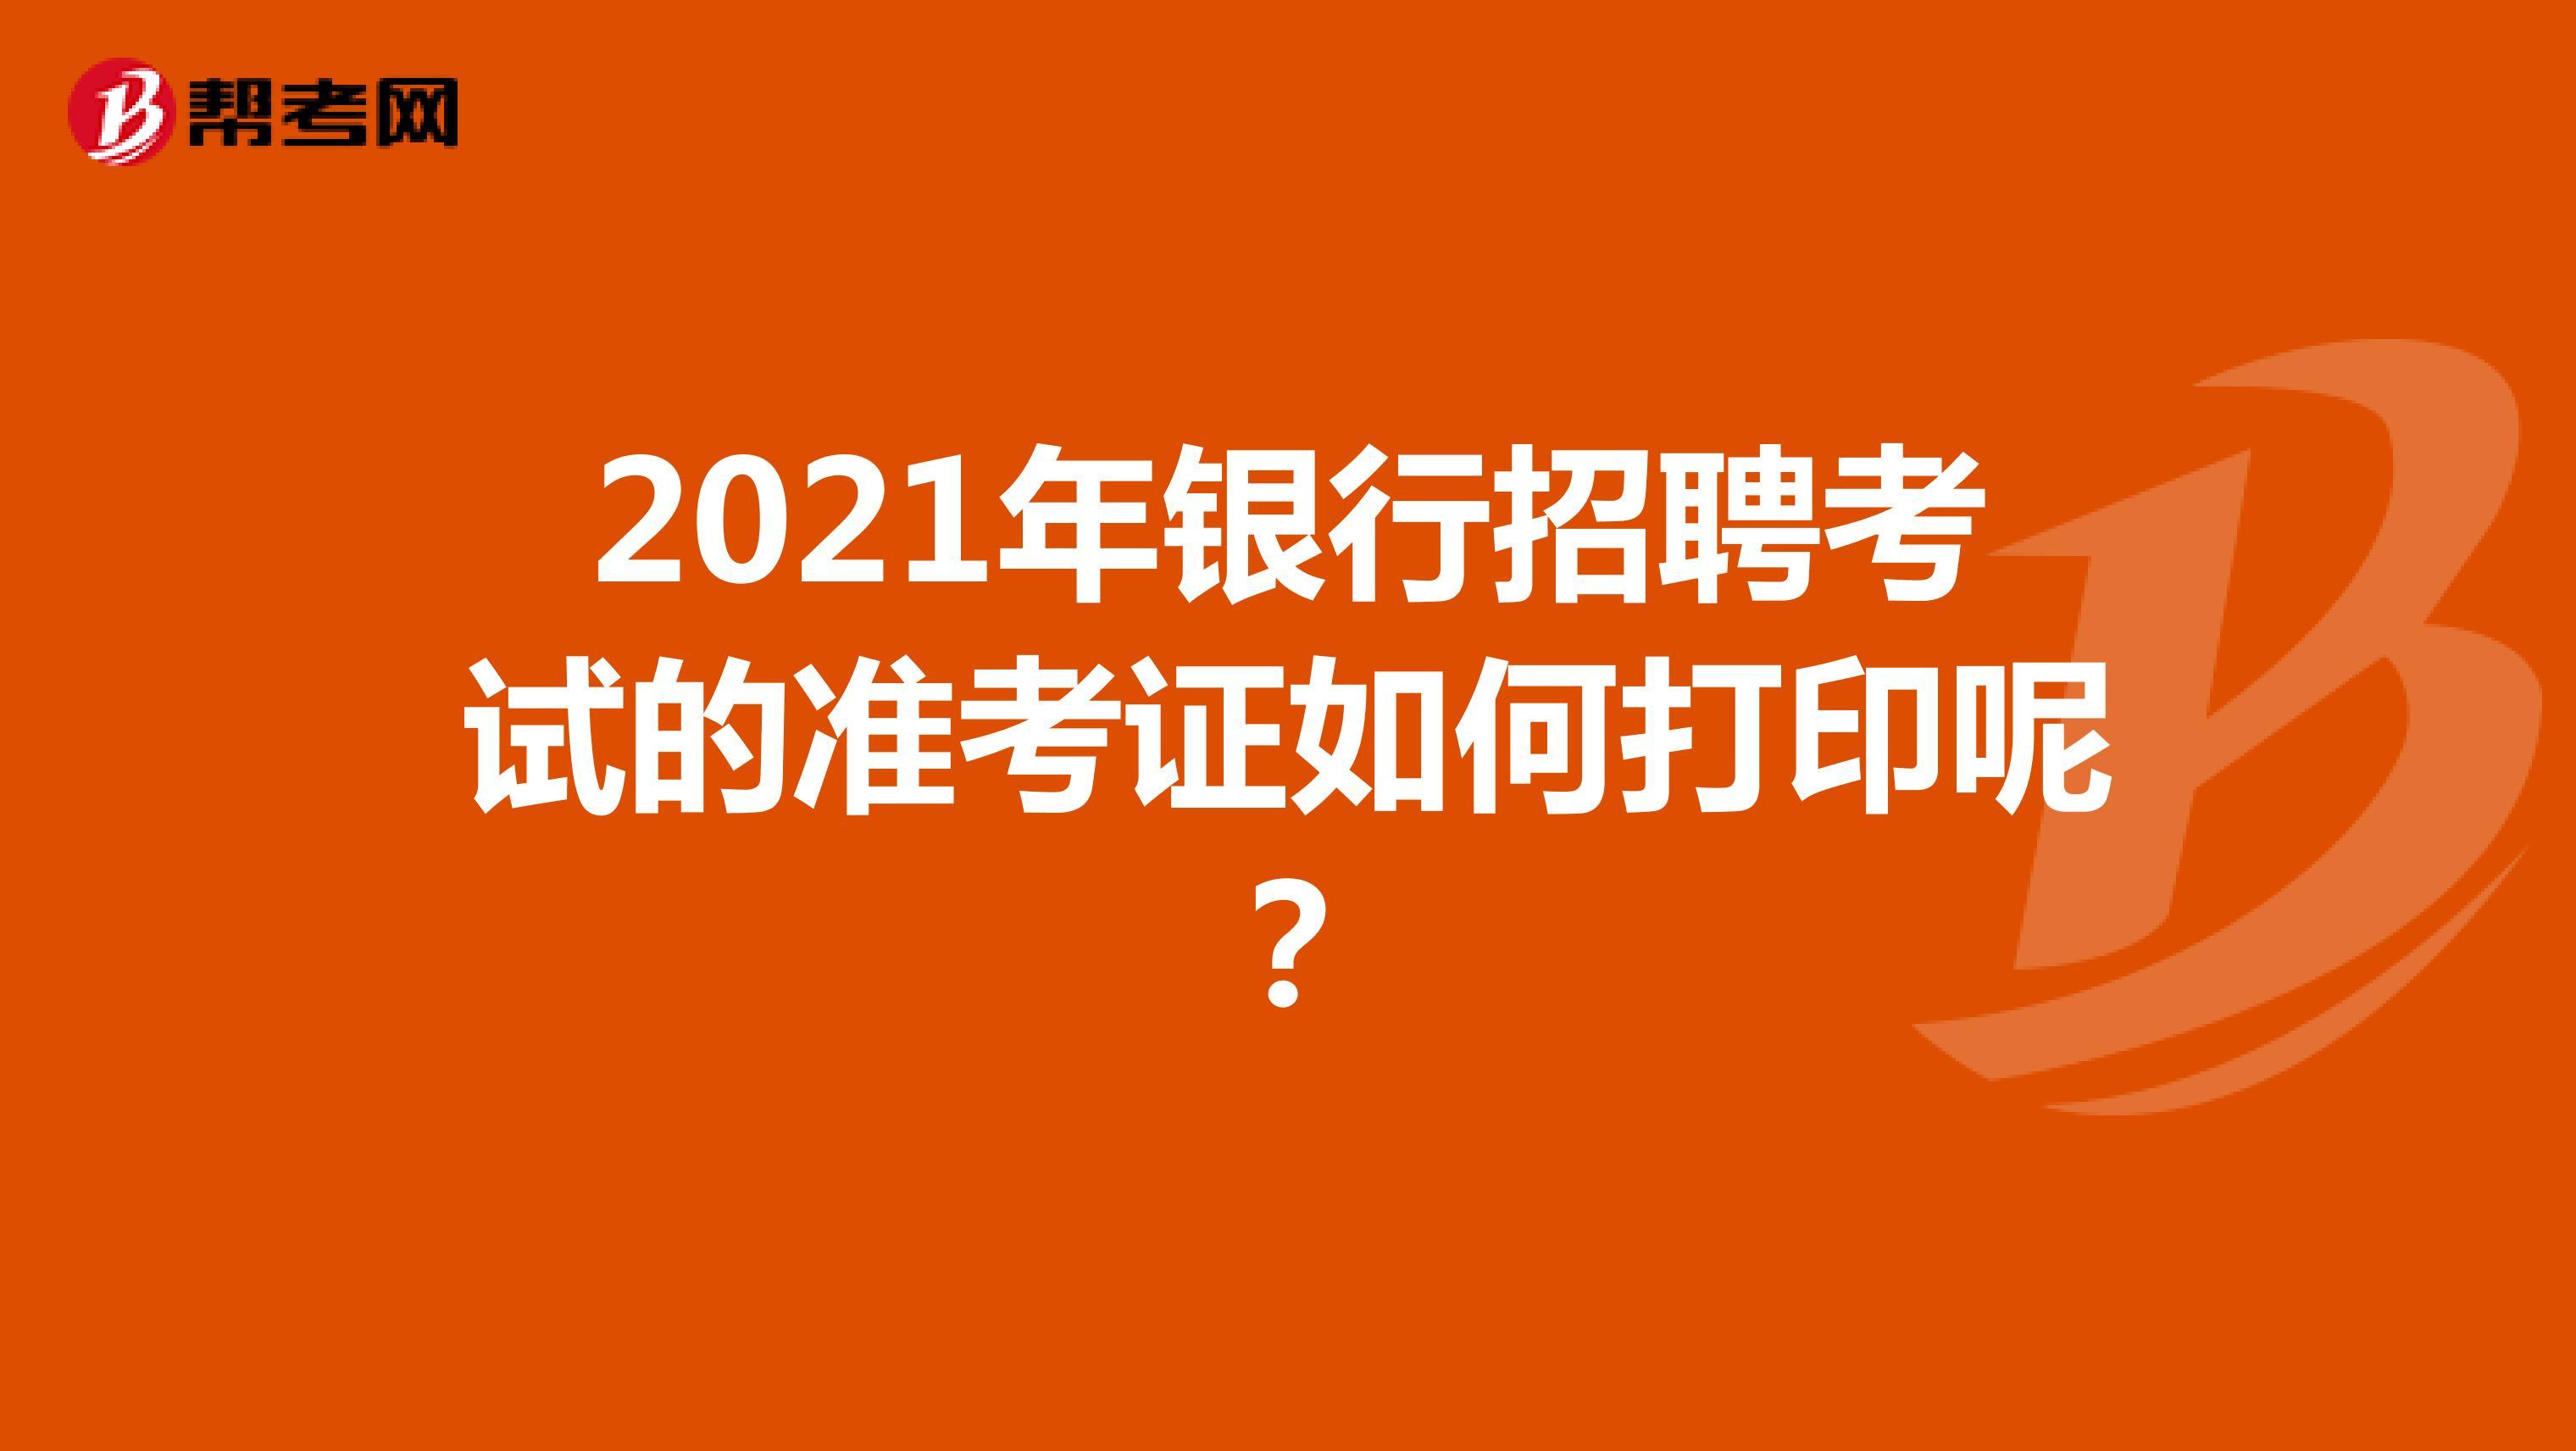 2021年银行招聘考试的准考证如何打印呢?